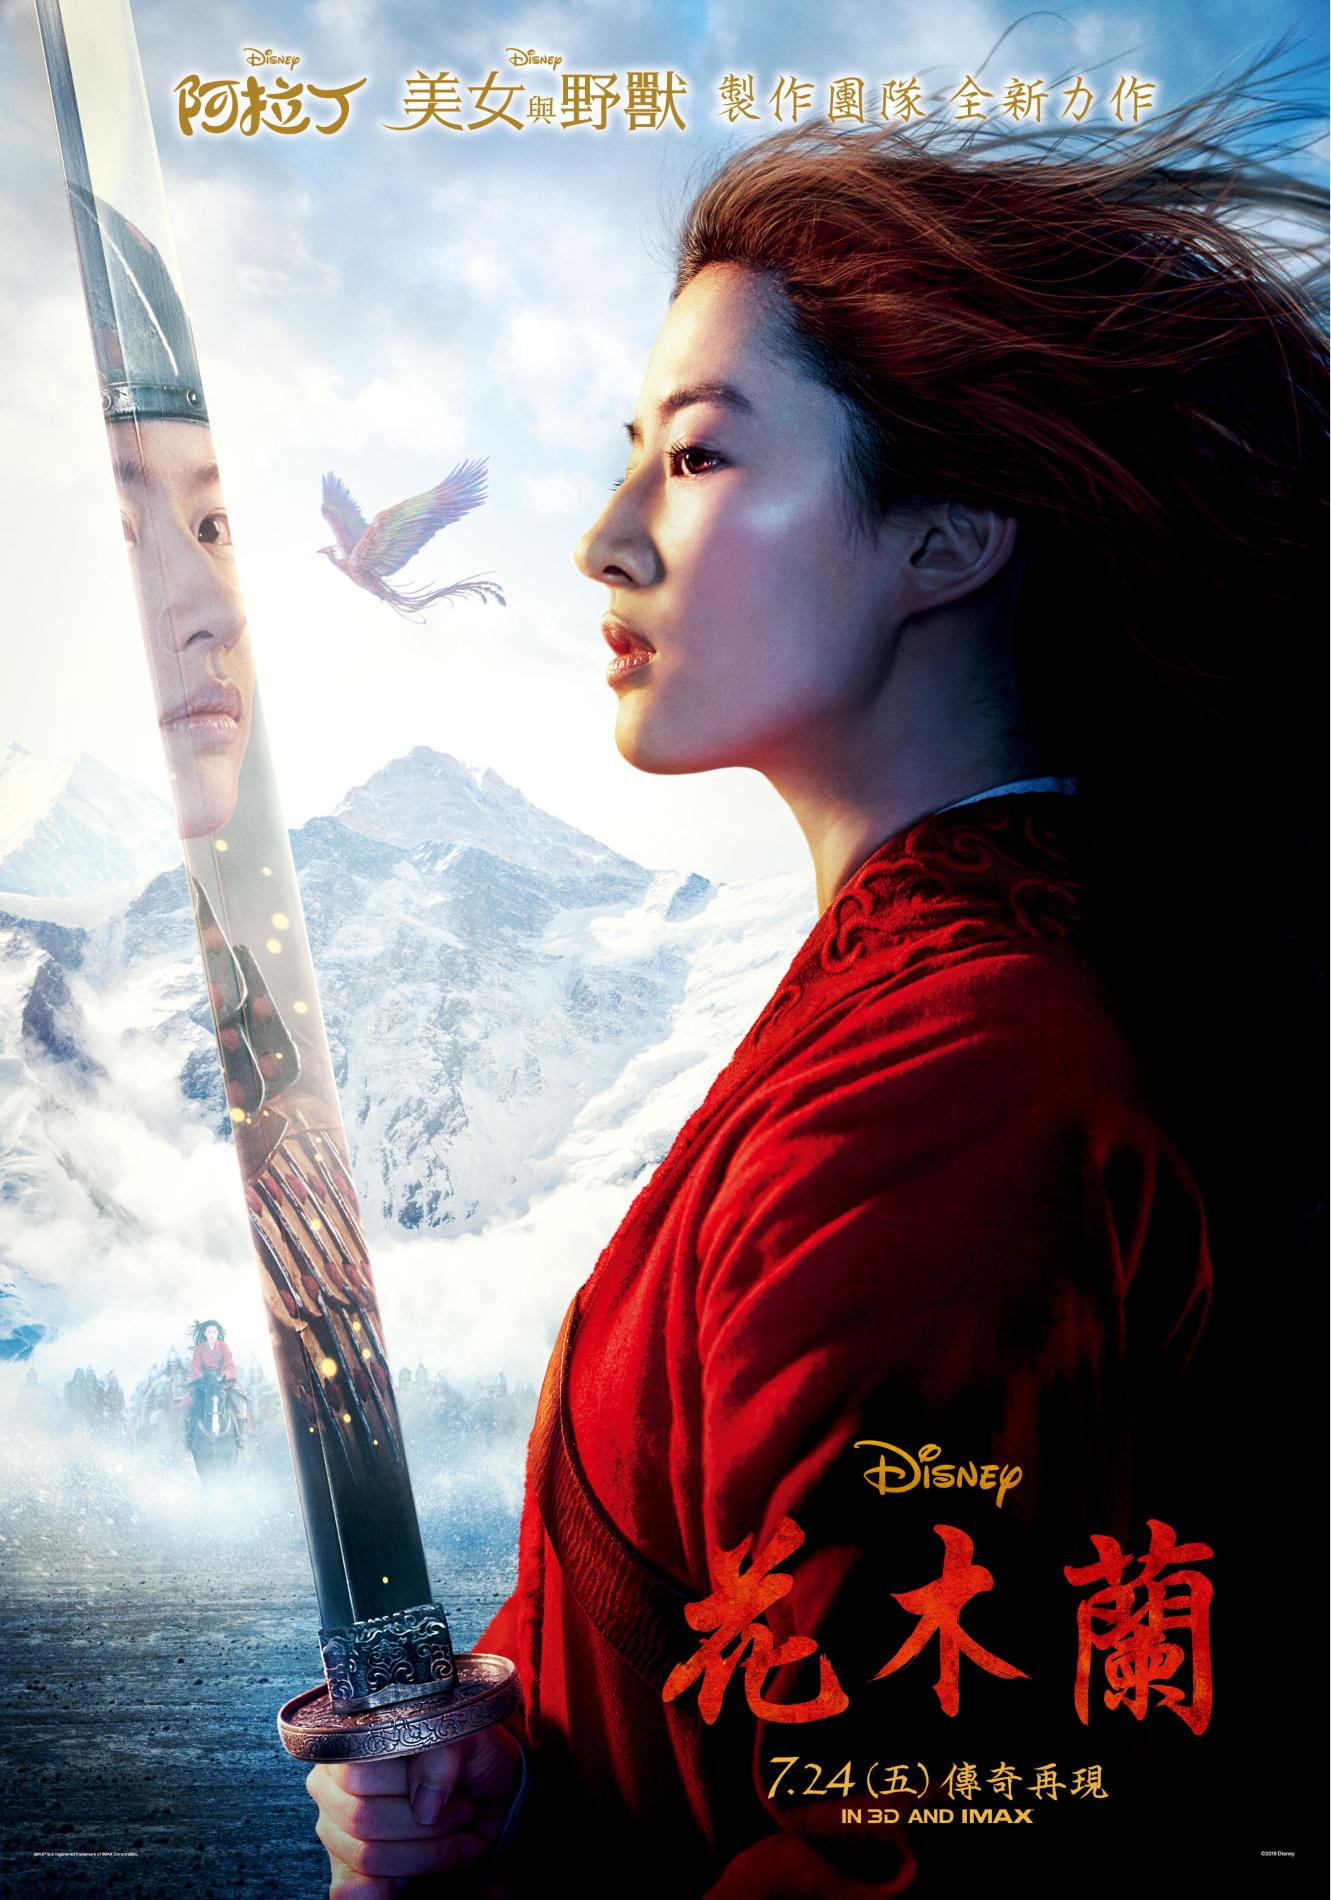 档期更新《花木兰》台湾宣布将于 7 月 24 日与美